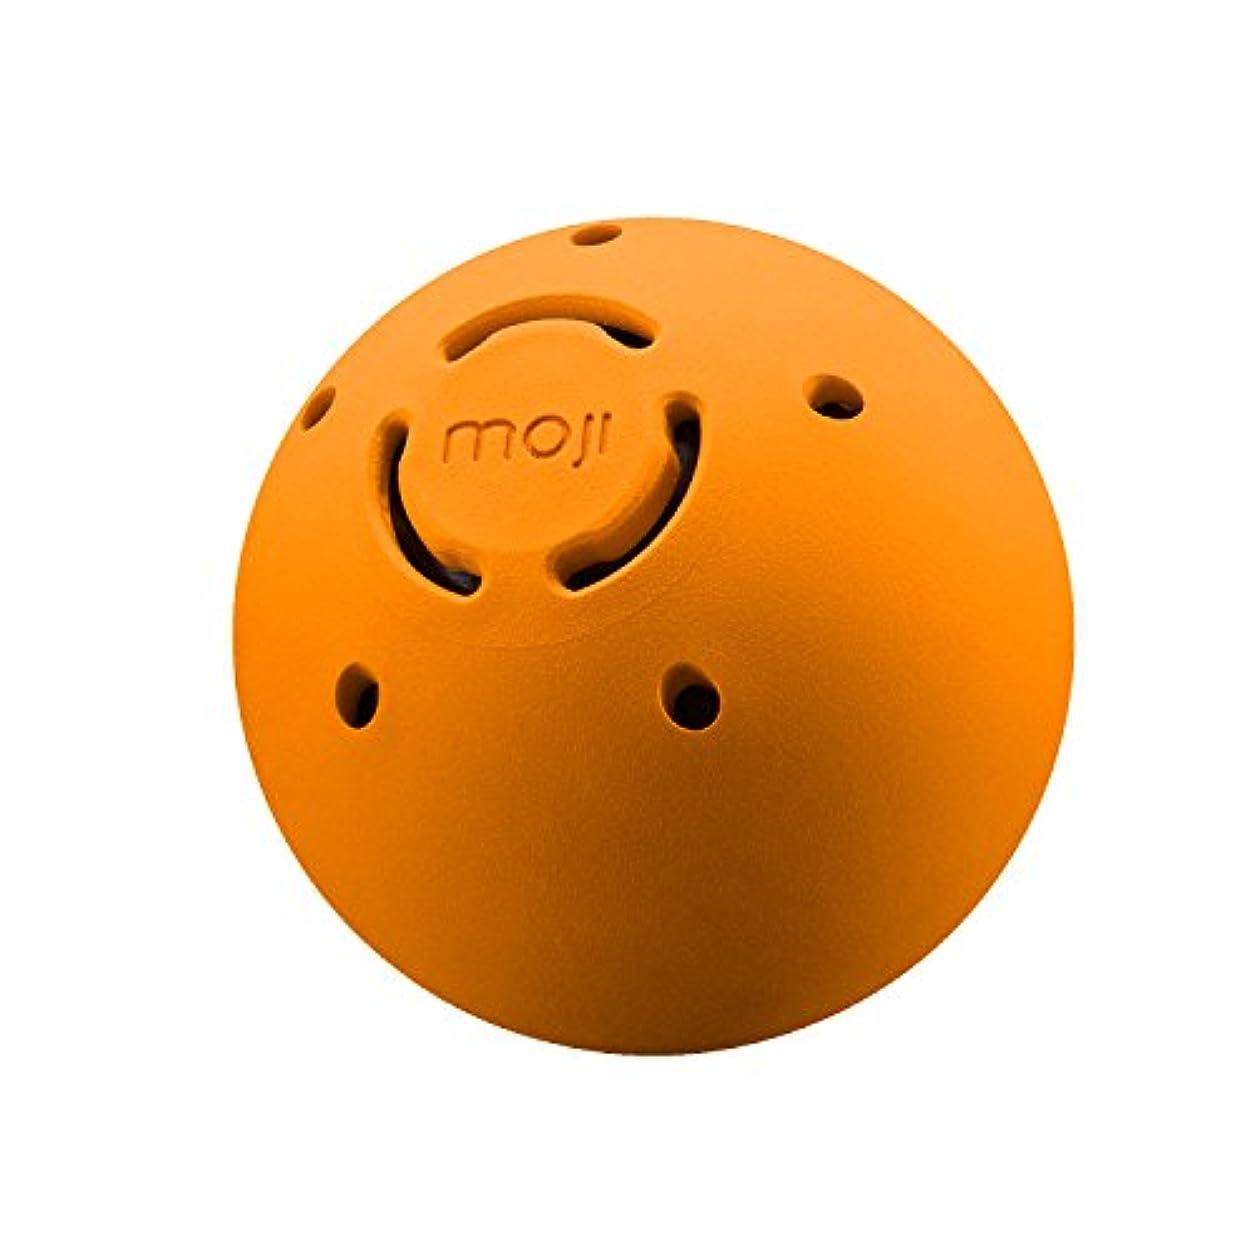 読み書きのできない万歳入力温熱 マッサージボール 筋肉の痛み 筋肉をほぐす 血流促進 MojiHeat Massage Ball (Large)